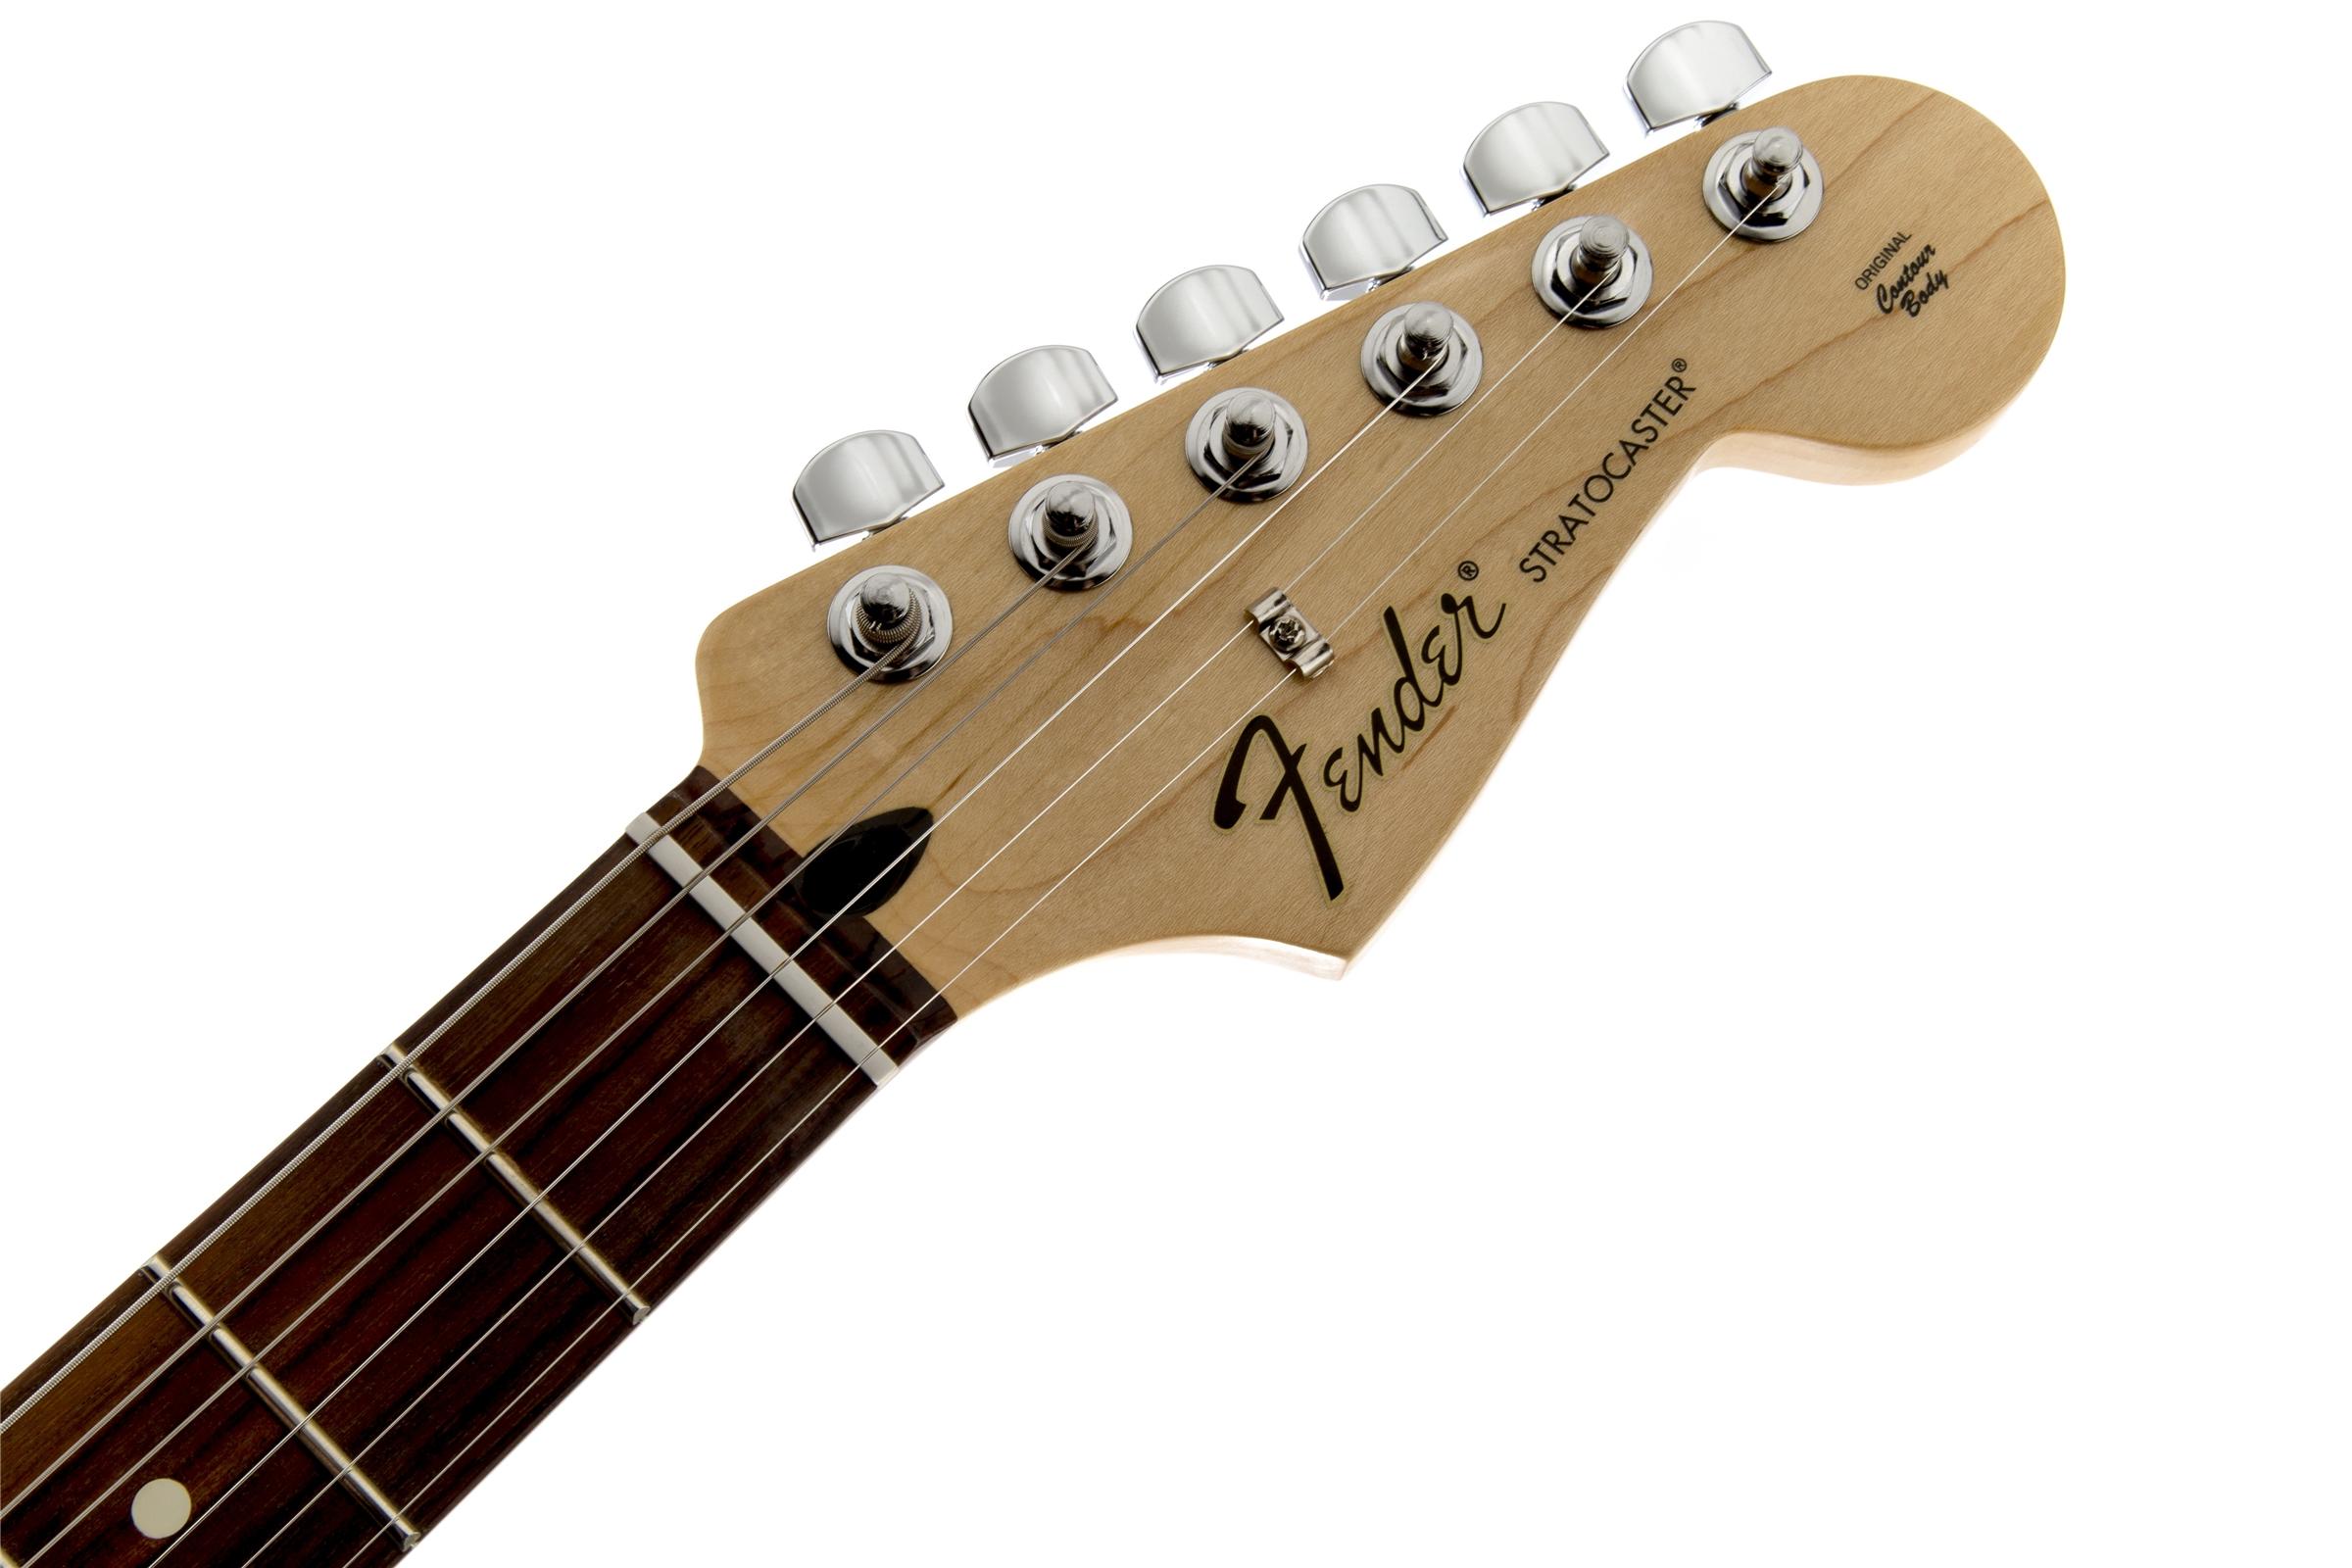 Fender Standard Stratocaster® Brown Sunburst Rosewood Fingerboard Electric Guitar